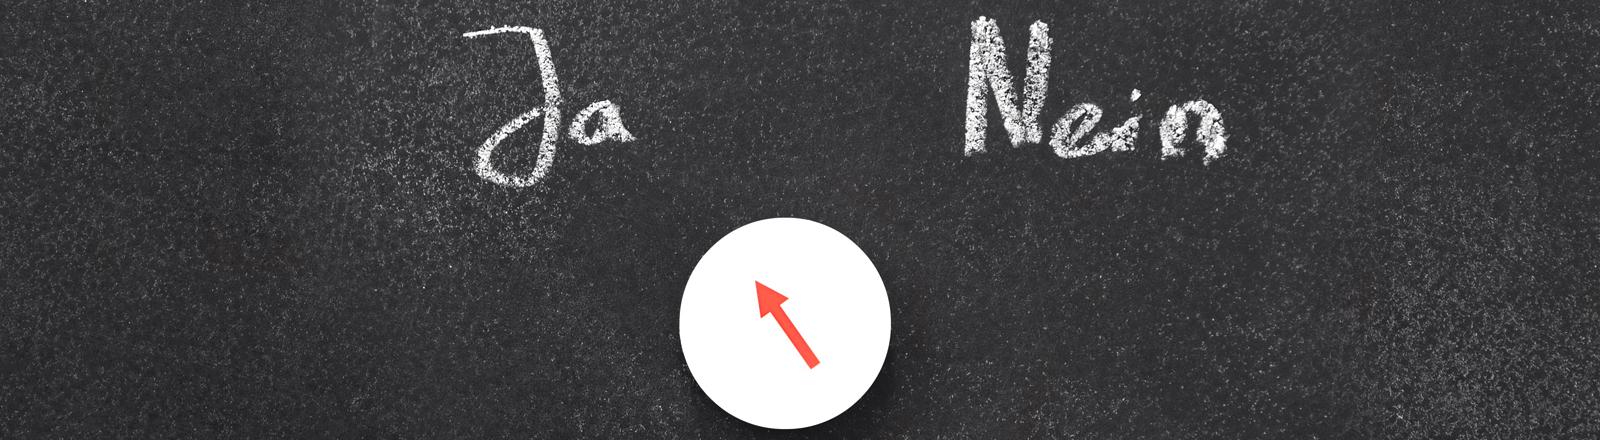 Auf einer Tafel stehen die Worte Ja und Nein, darunter ein Pfeil, der auf Ja zeigt